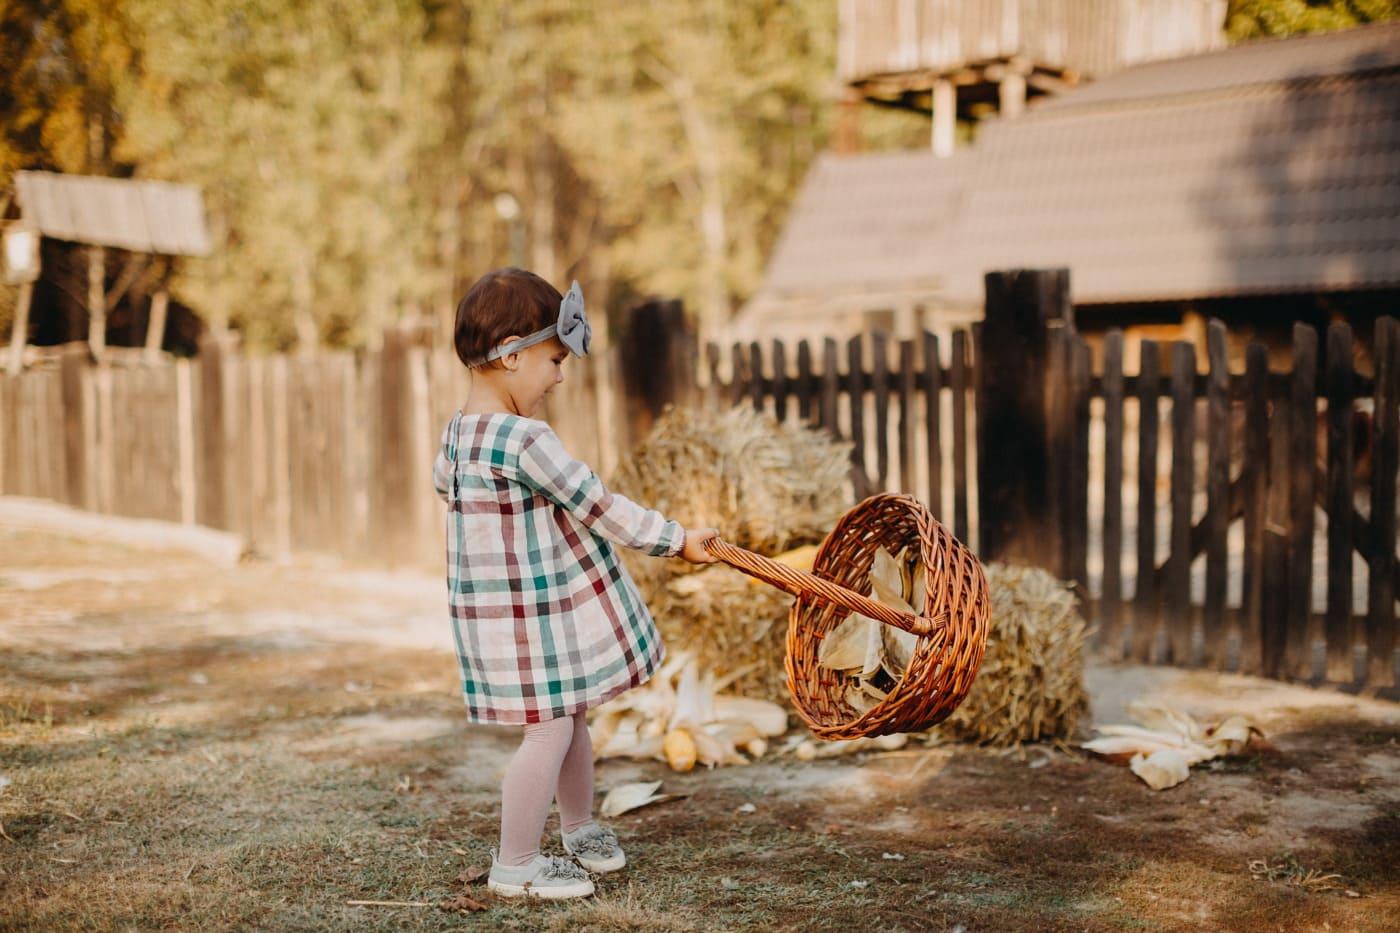 Dzieciństwo, szczęśliwy, dziecko, Stodoła, wieś, siano, Dziewczyna, natura, na zewnątrz, portret